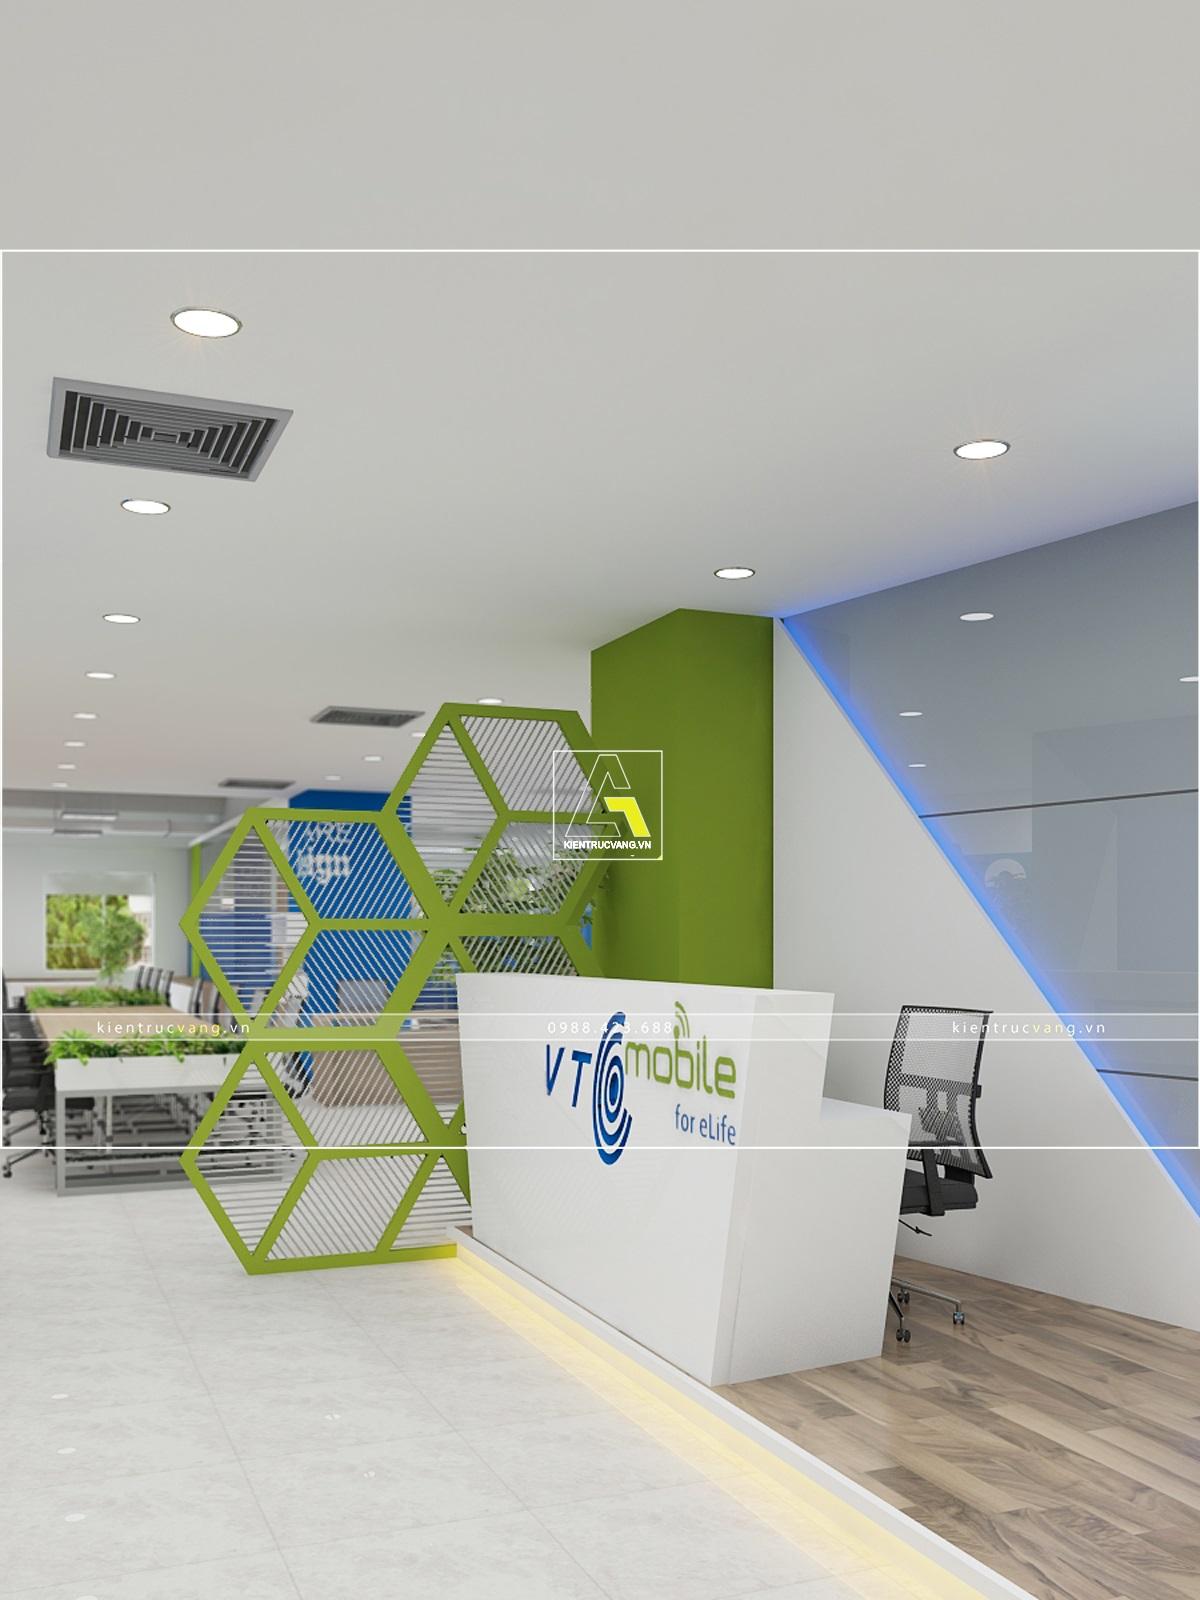 thiết kế nội thất Văn Phòng tại Hà Nội Thiết kế nội thất văn phòng VTC Mobile Hà Nội 19 1530872954